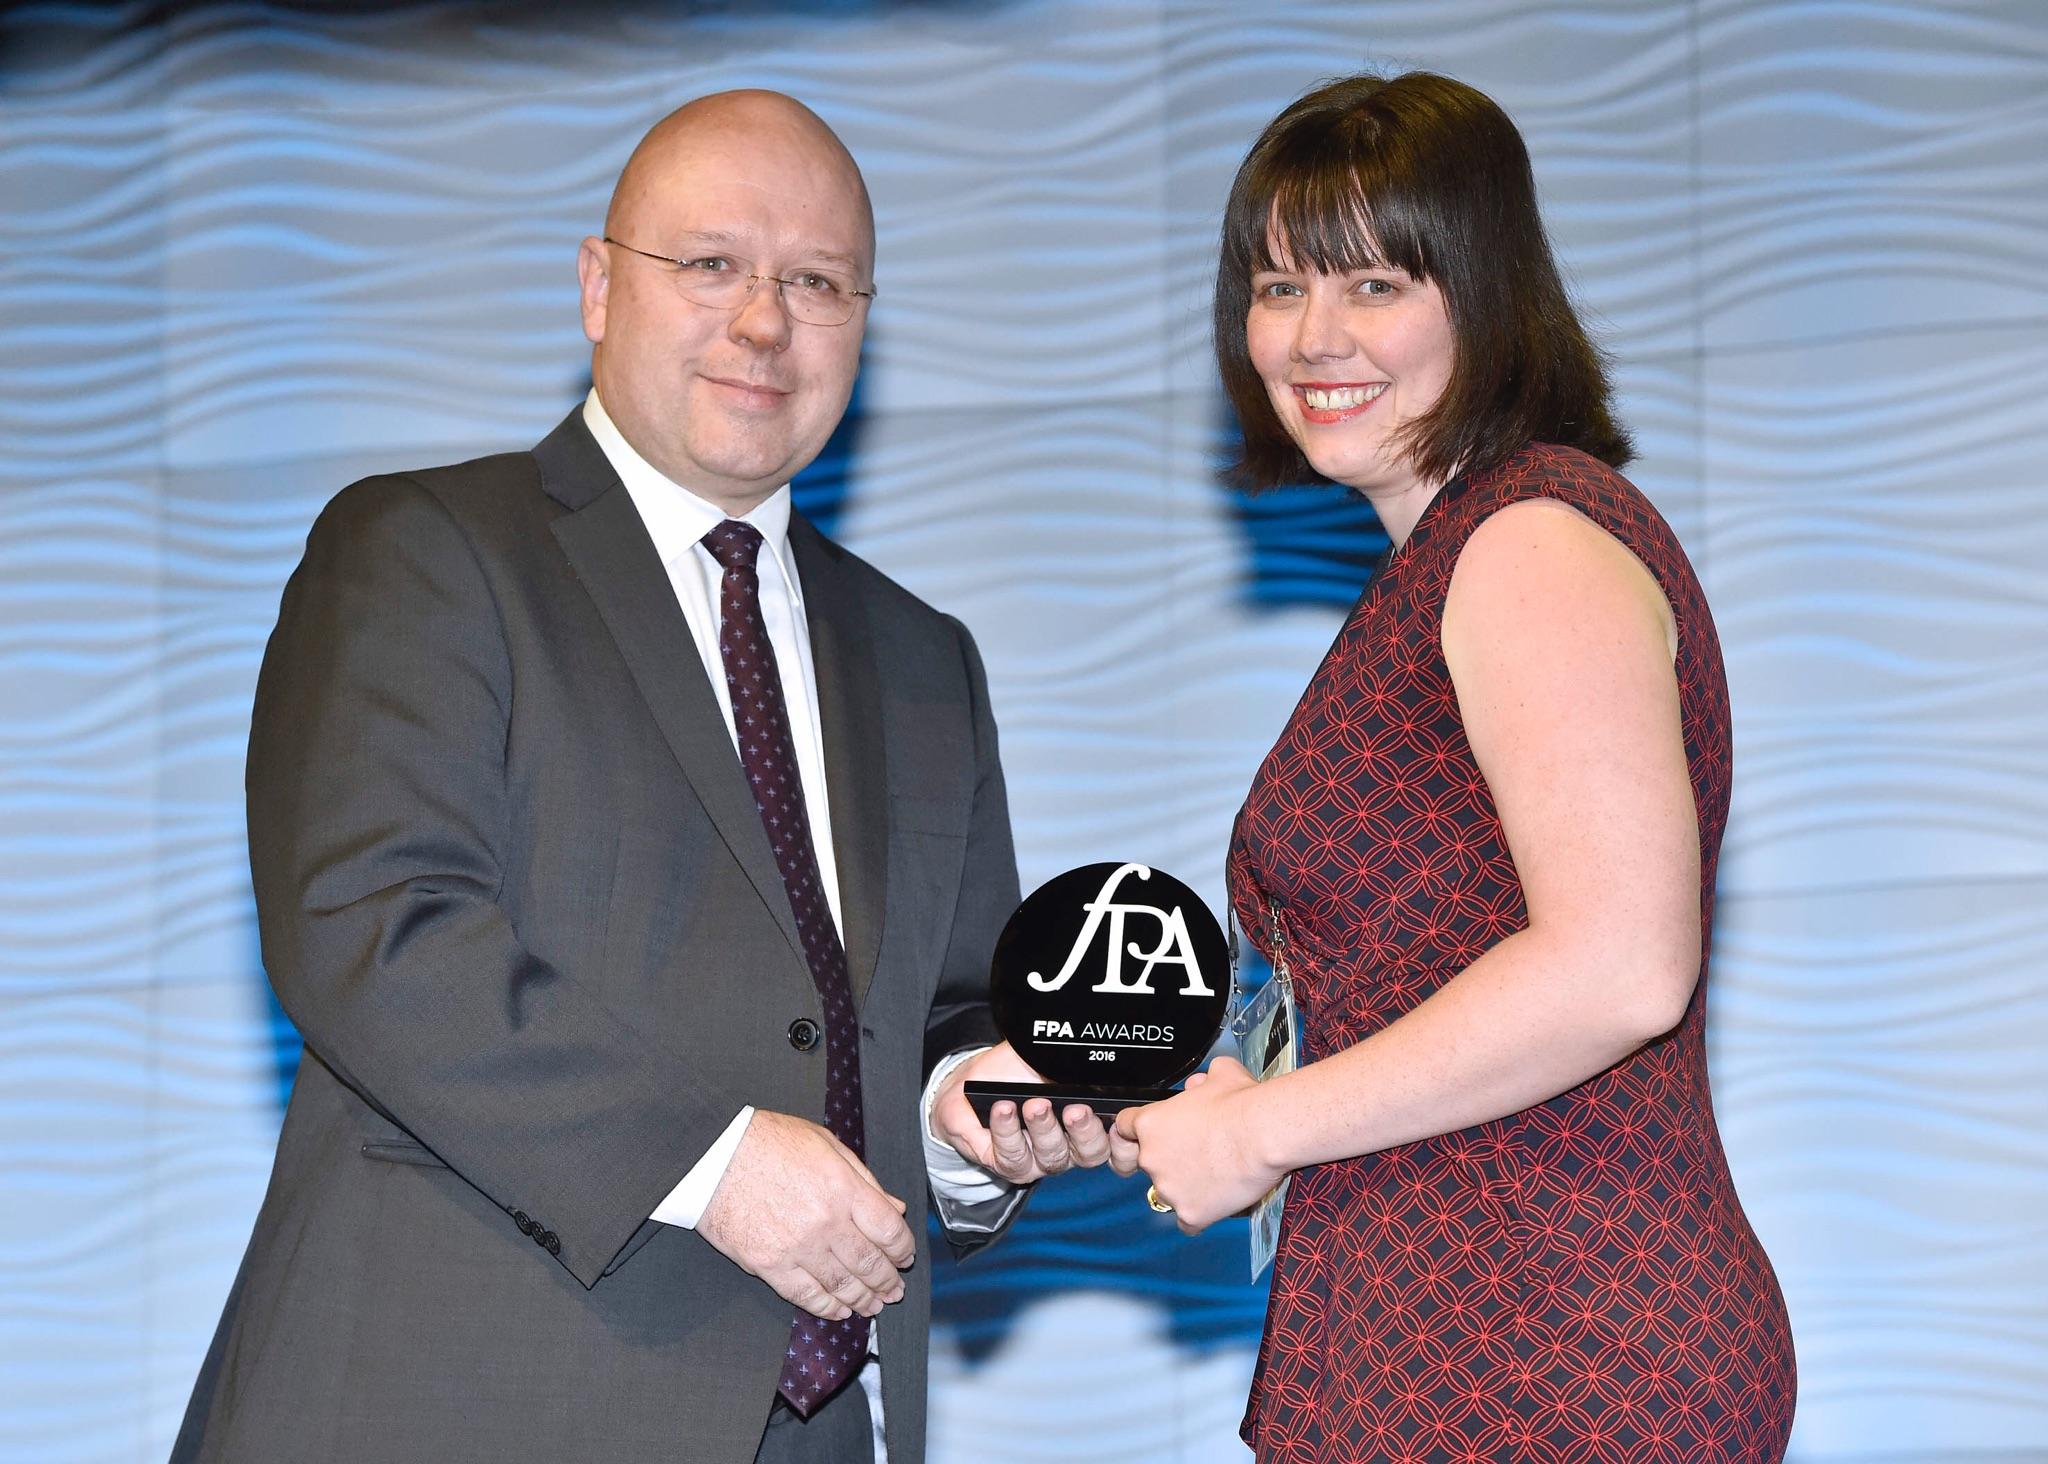 FPA Awards